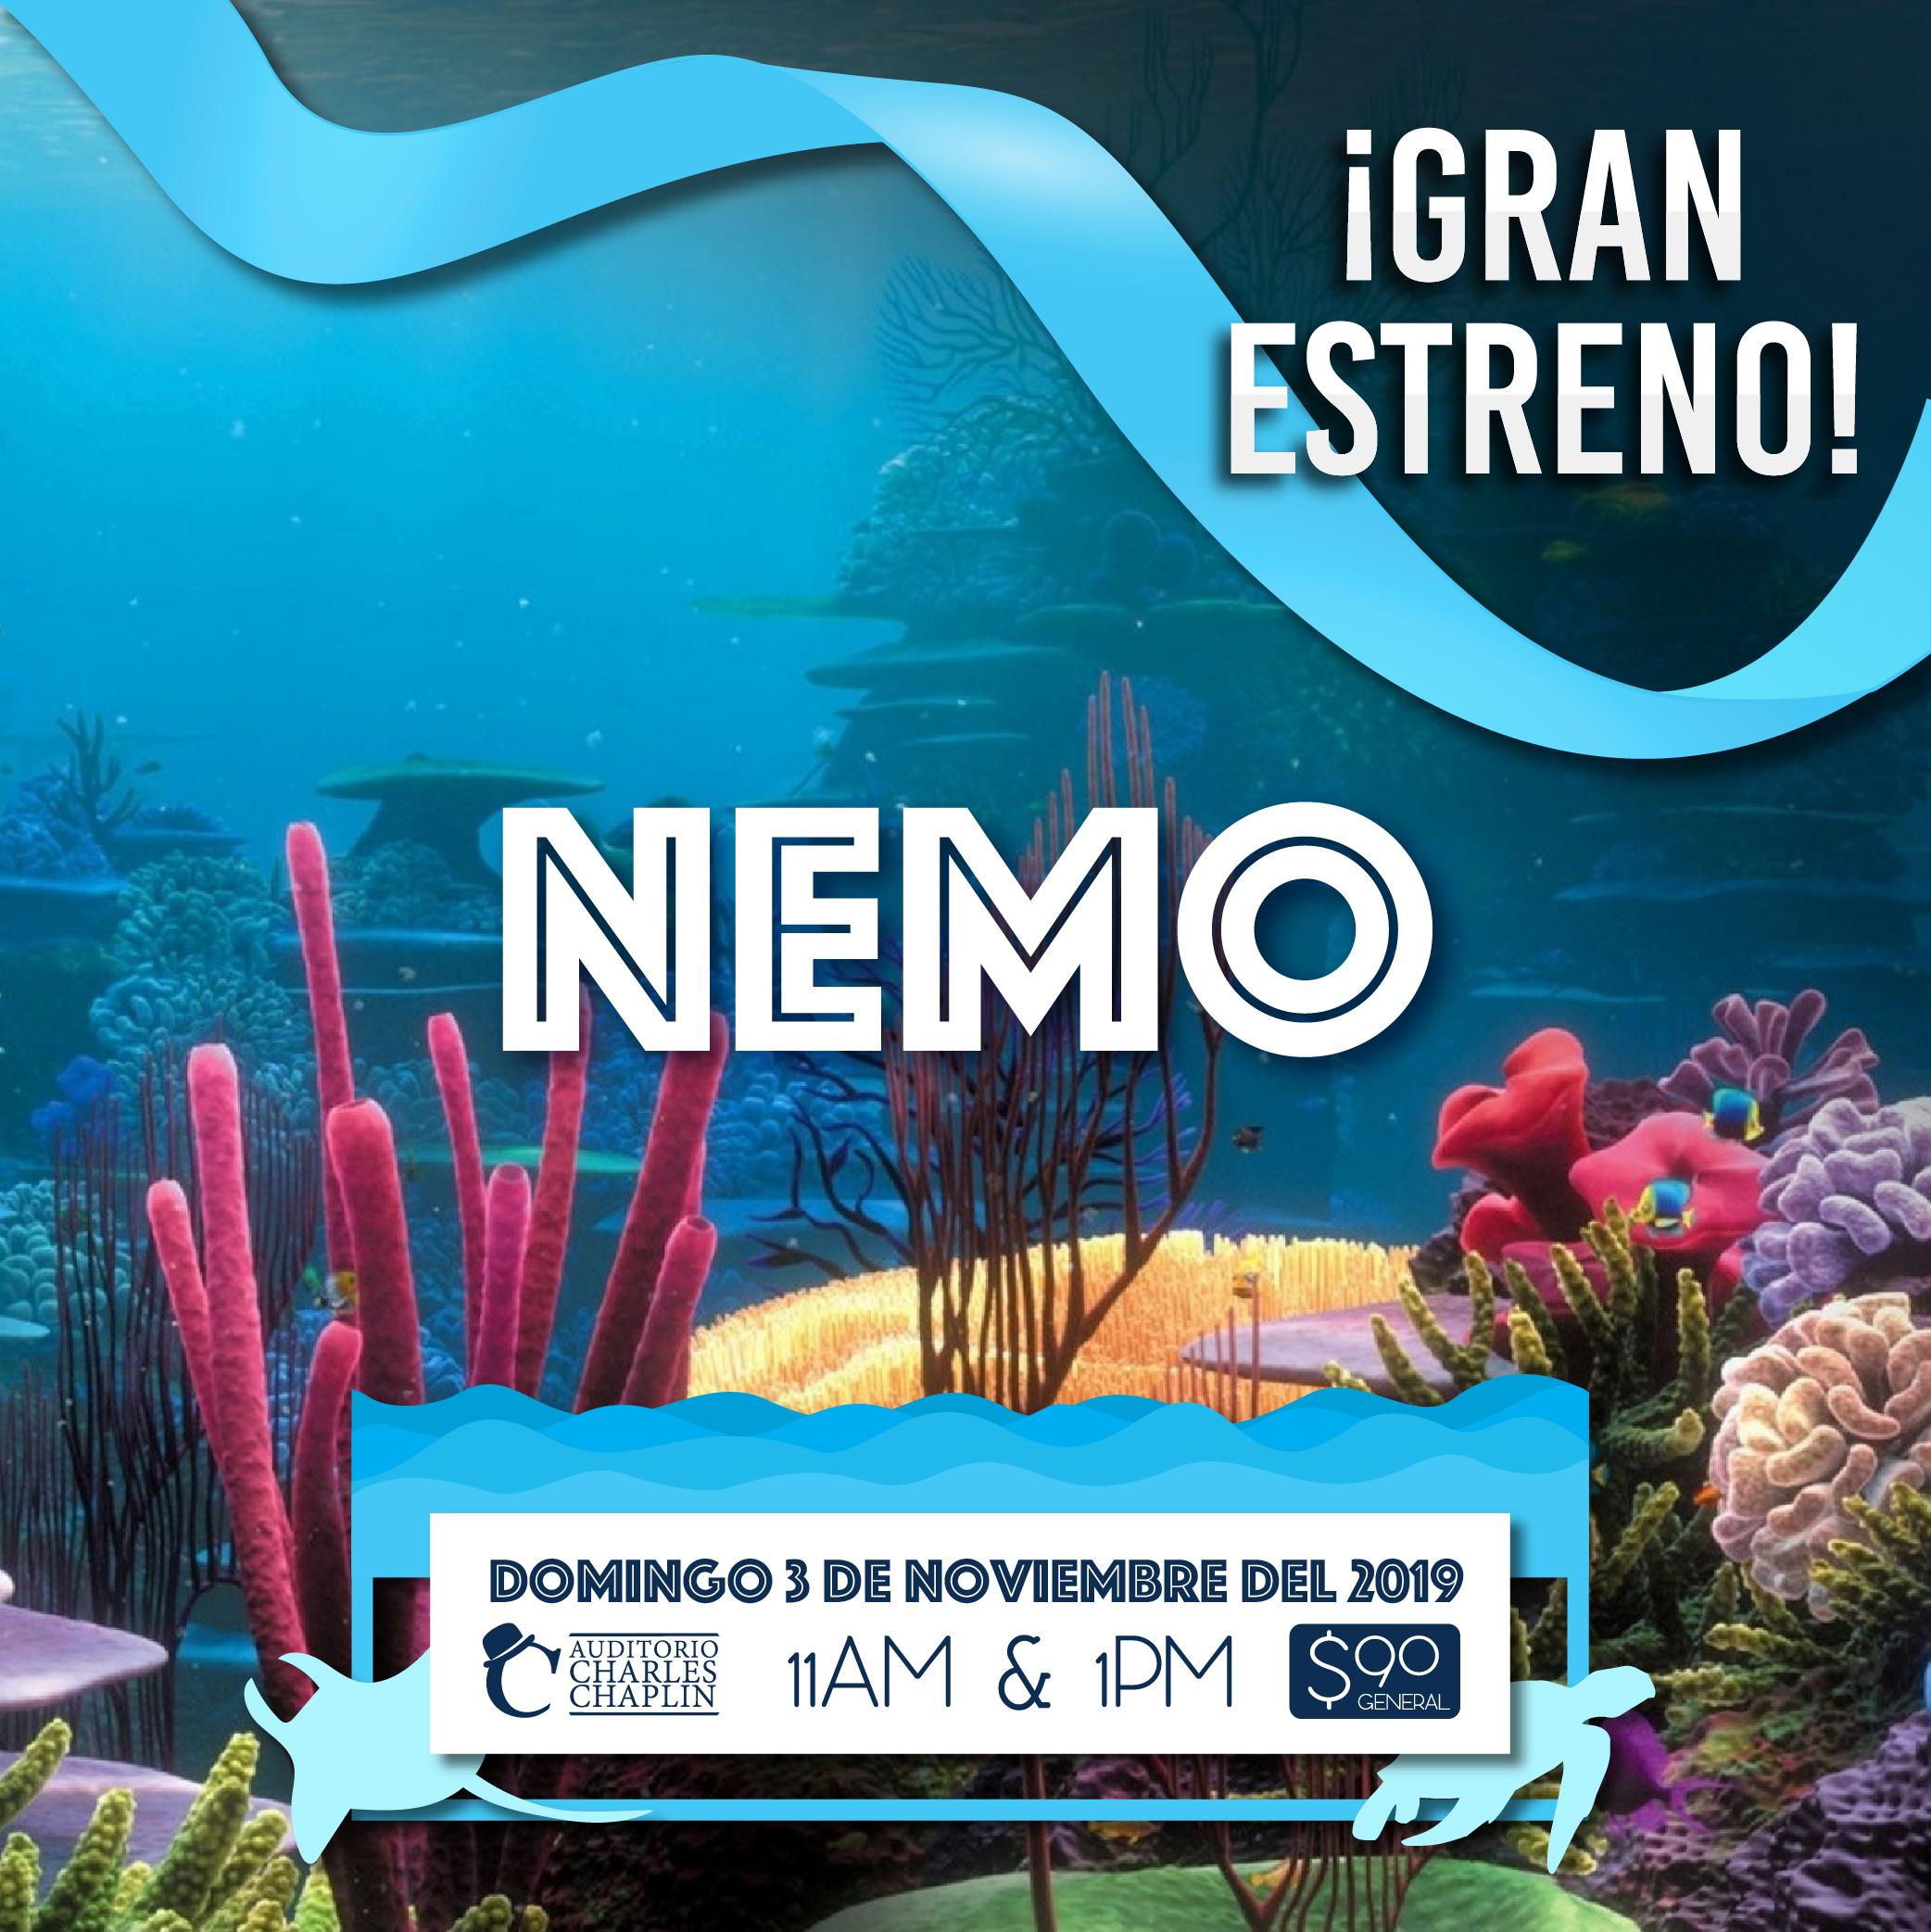 #CORTESÍAS #DateAlaFuga / Nemo